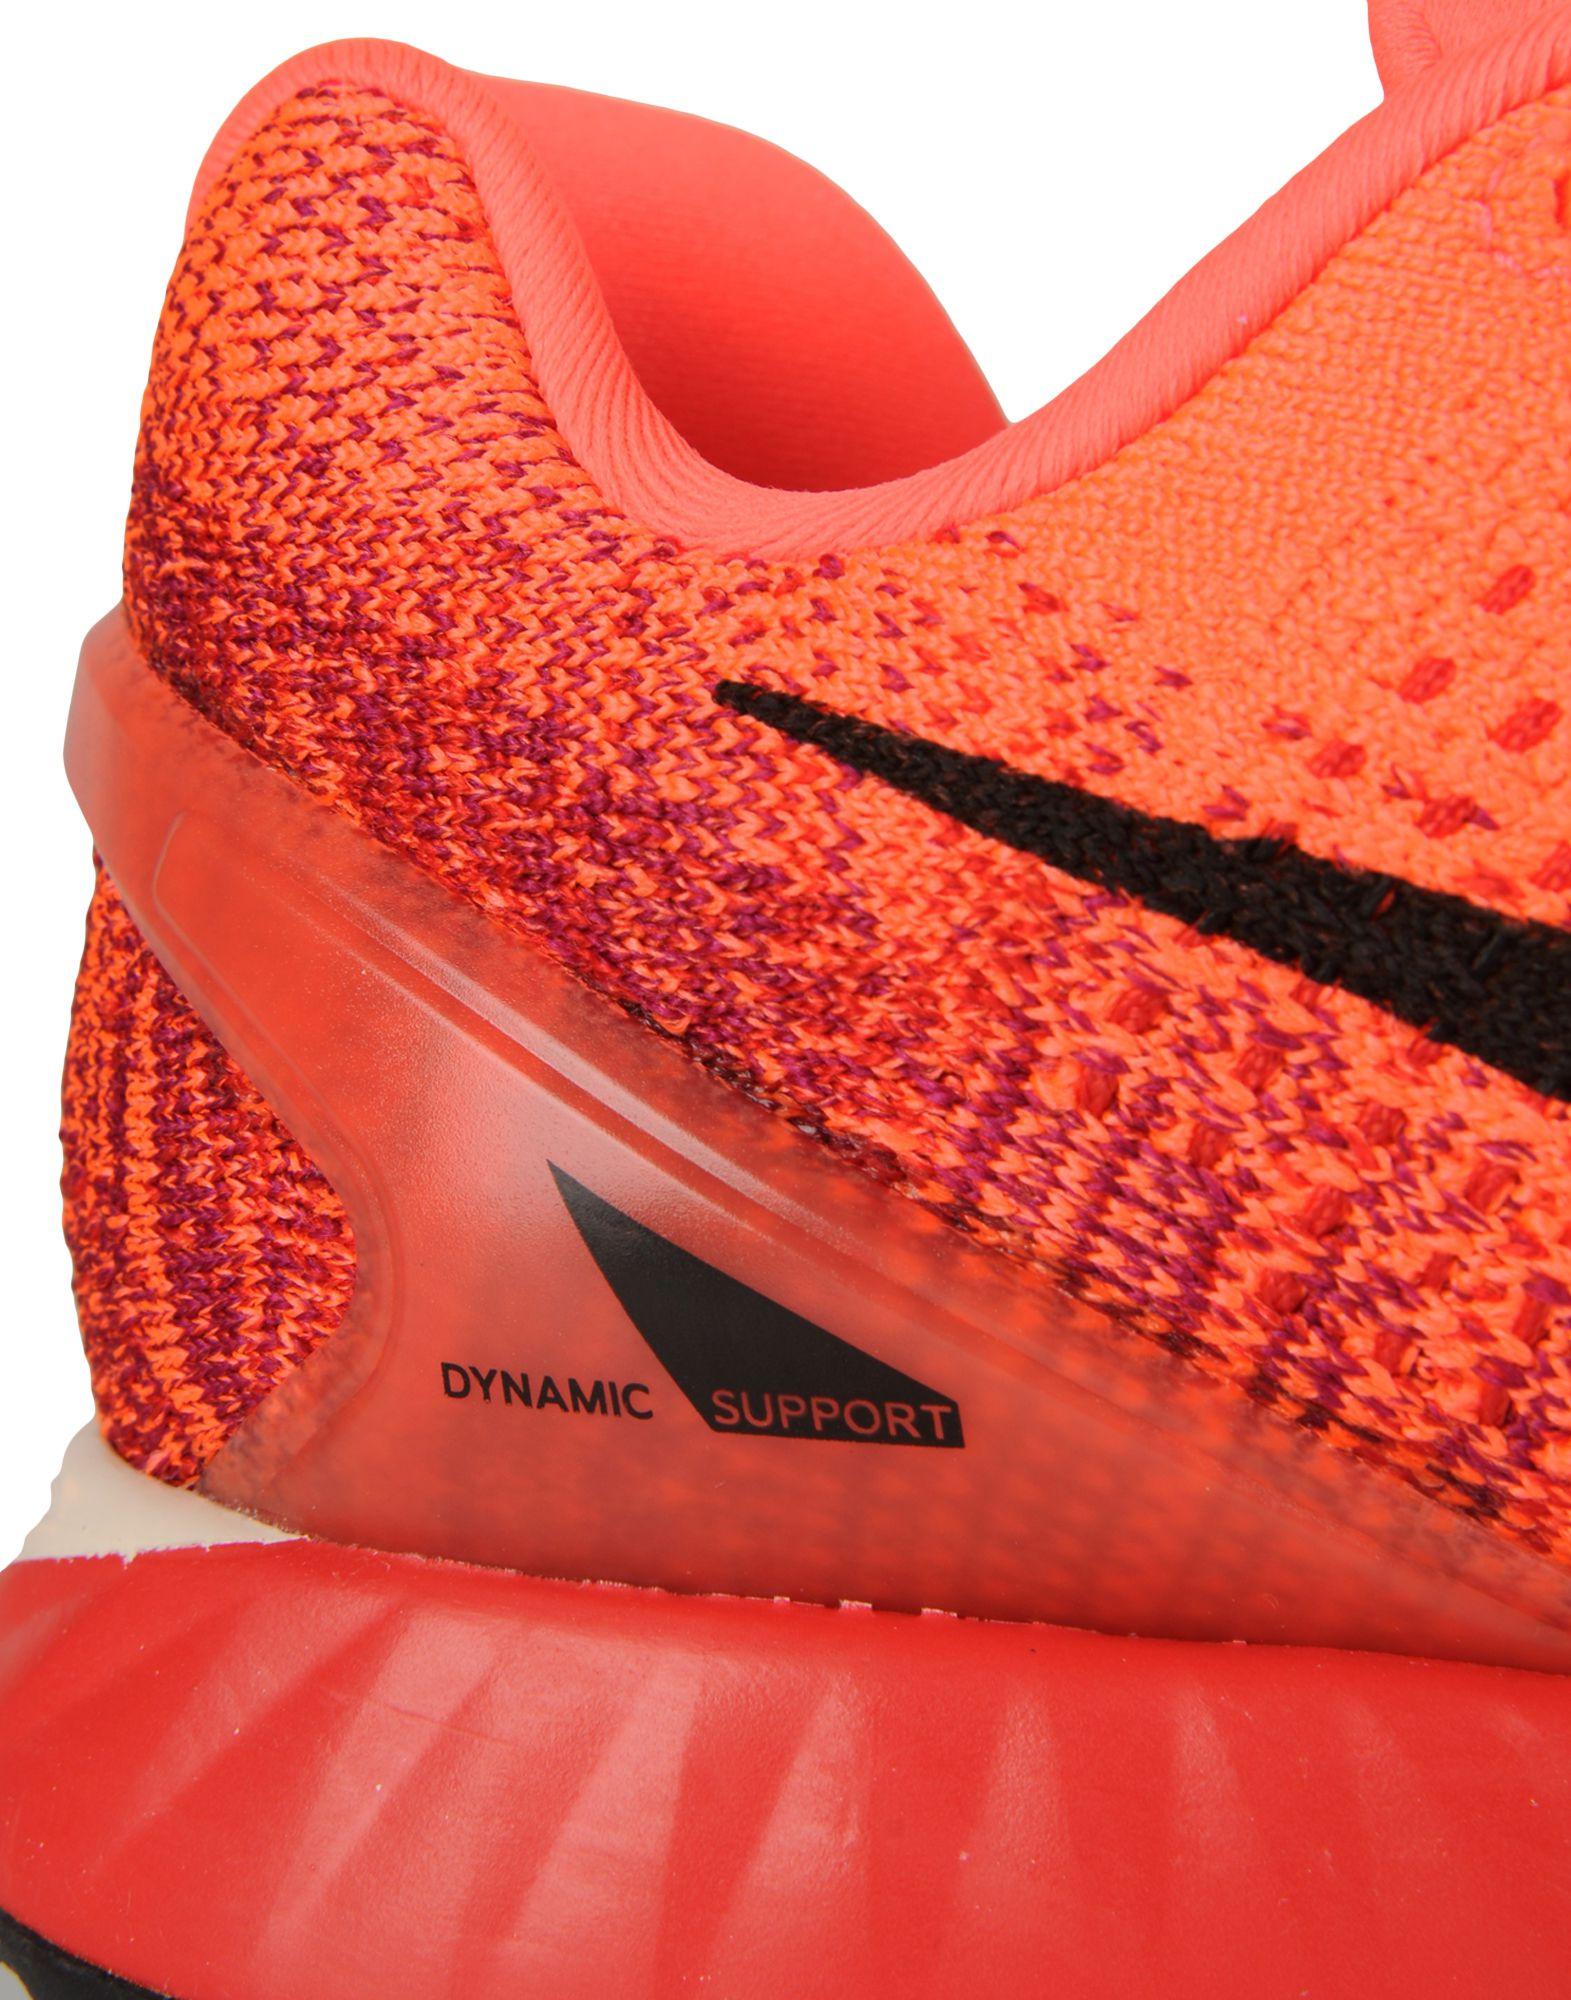 Nike Wmns Nike Lunarglide 7 7 Lunarglide Gutes Preis-Leistungs-Verhältnis, es lohnt sich d56a57